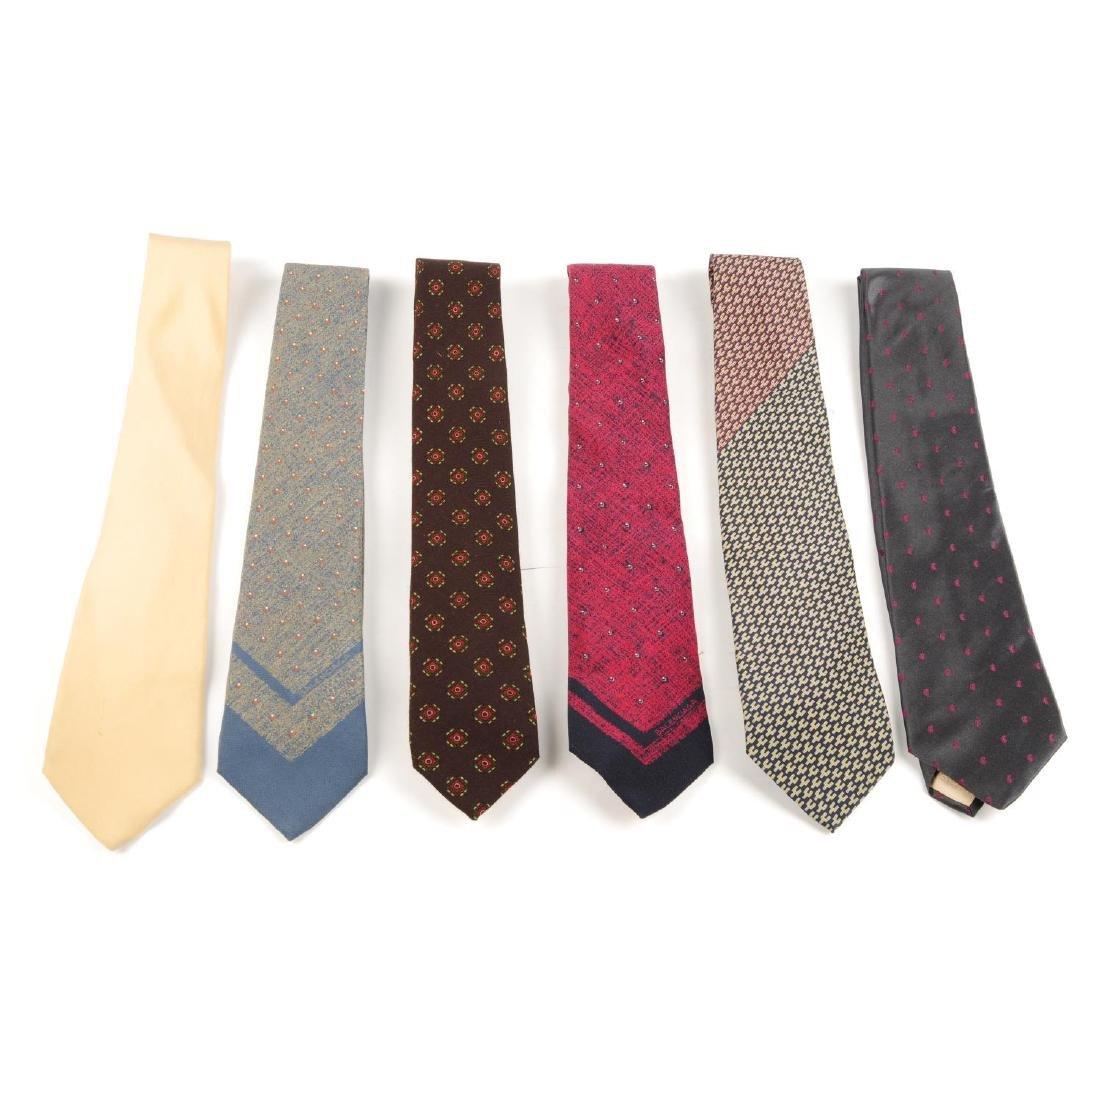 BALENCIAGA - six ties. To include a dark grey silk tie - 2